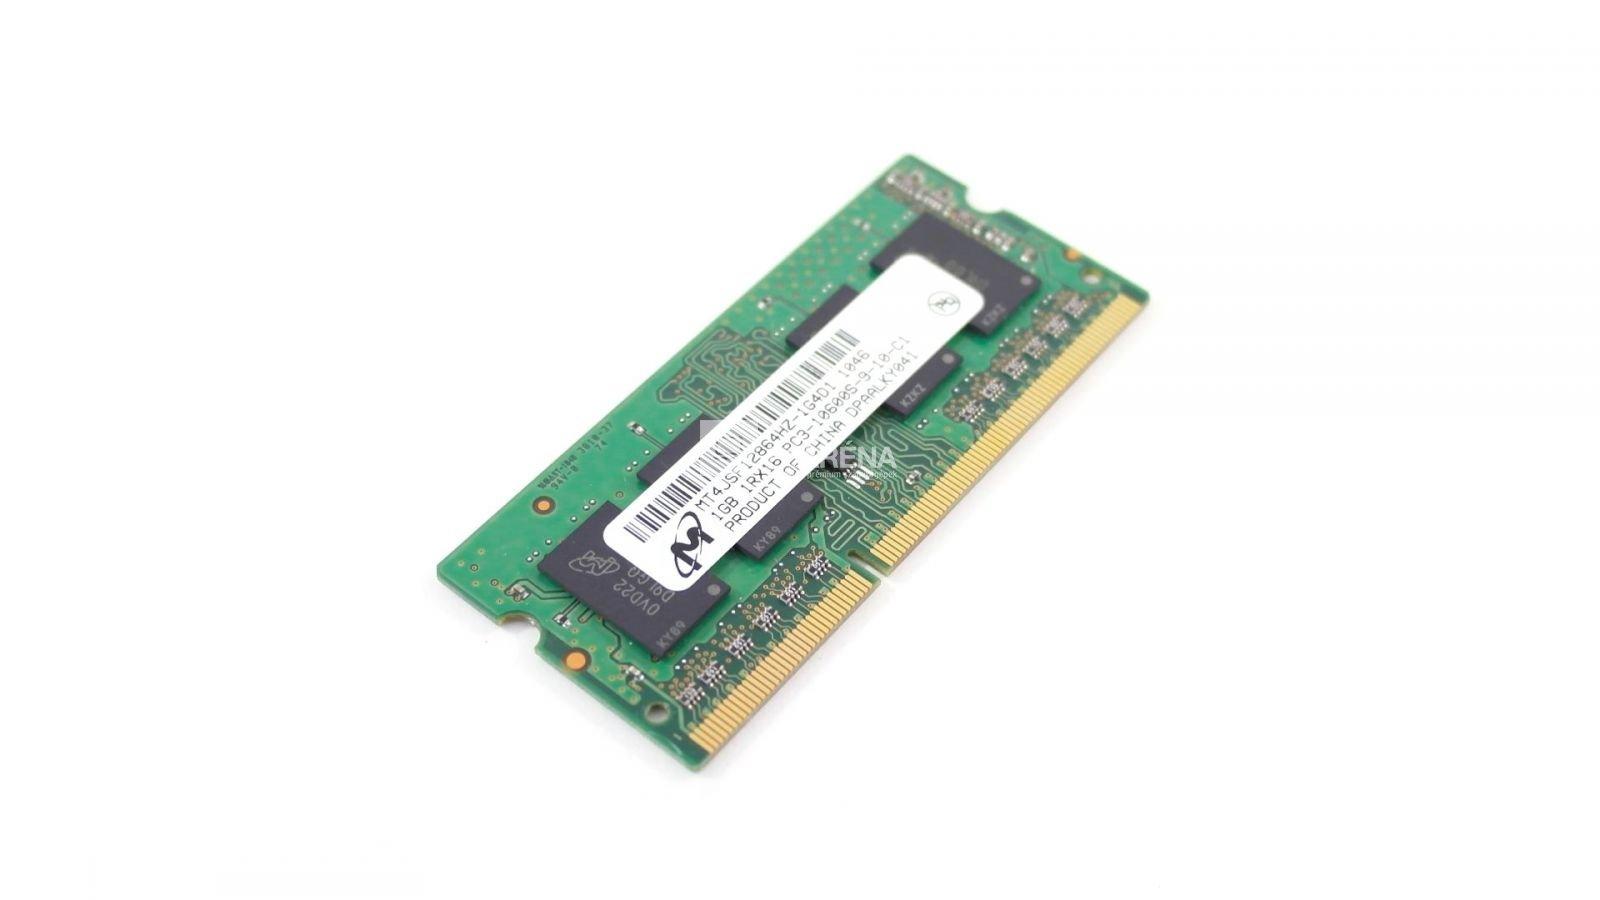 - 2048 MB MB DDR3 memória (1066-1333 MHz)